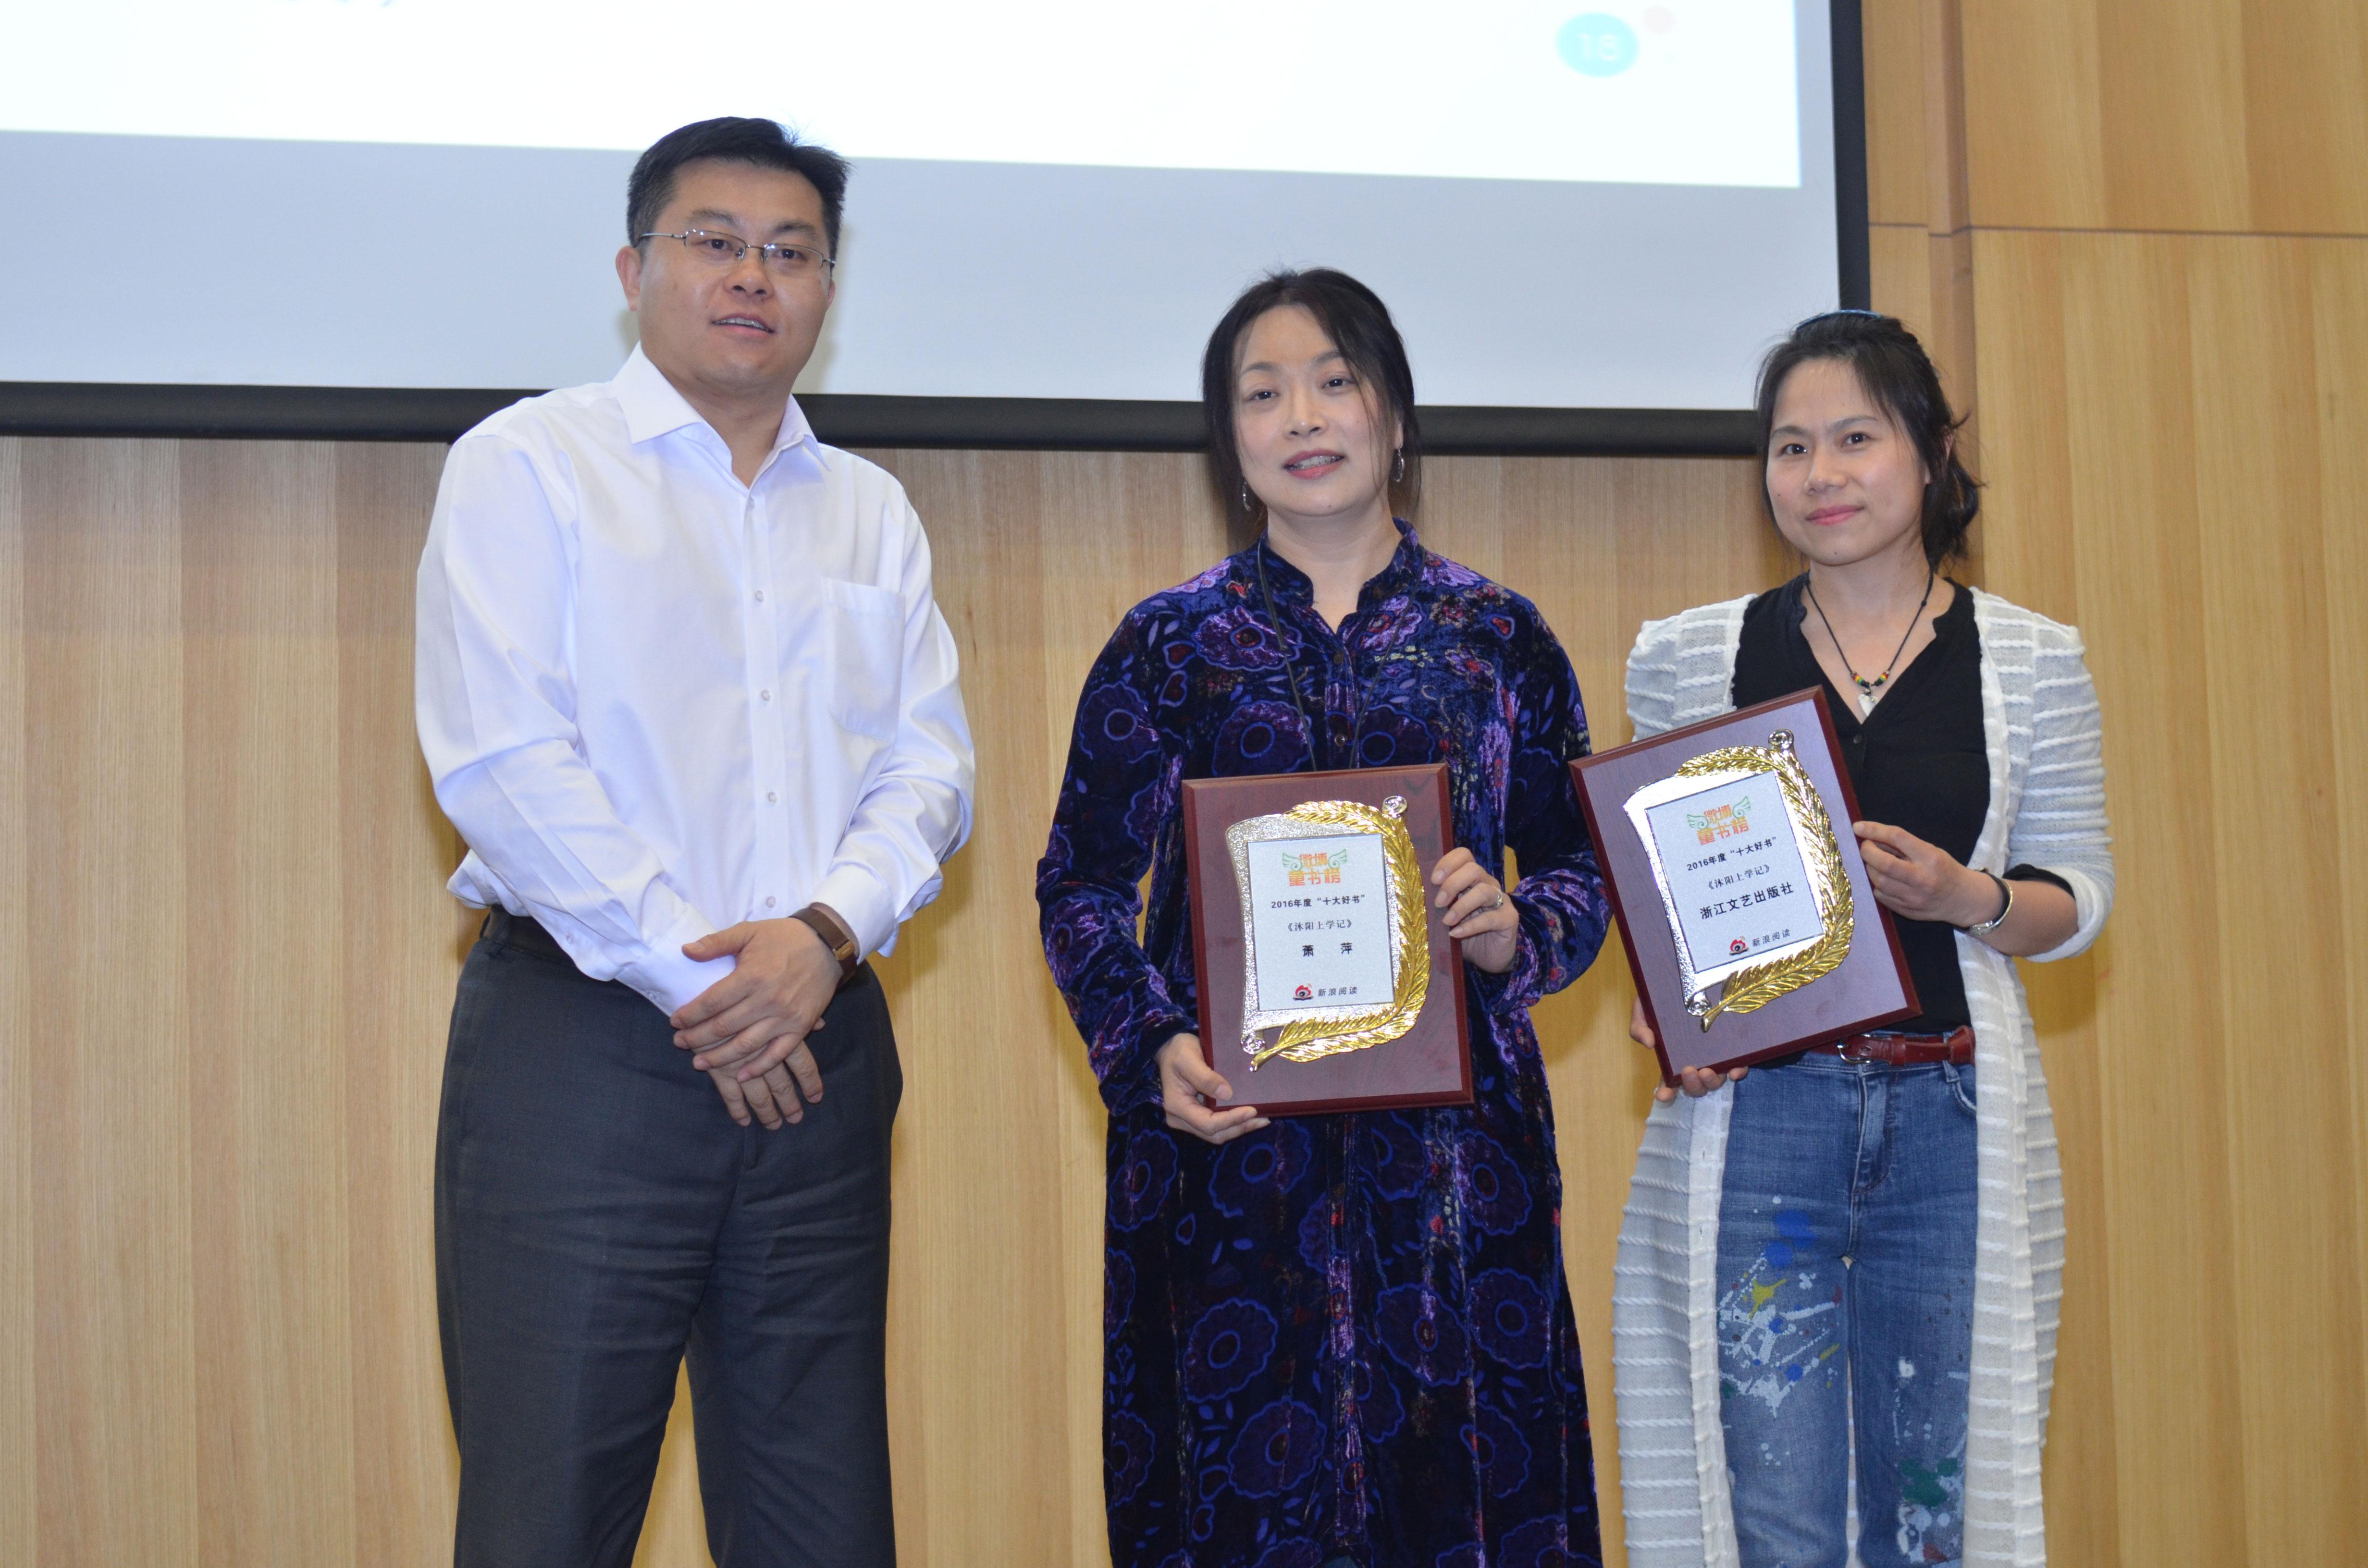 (左起:王志庚、萧萍、浙江文艺出版社宣传主管刘滢)